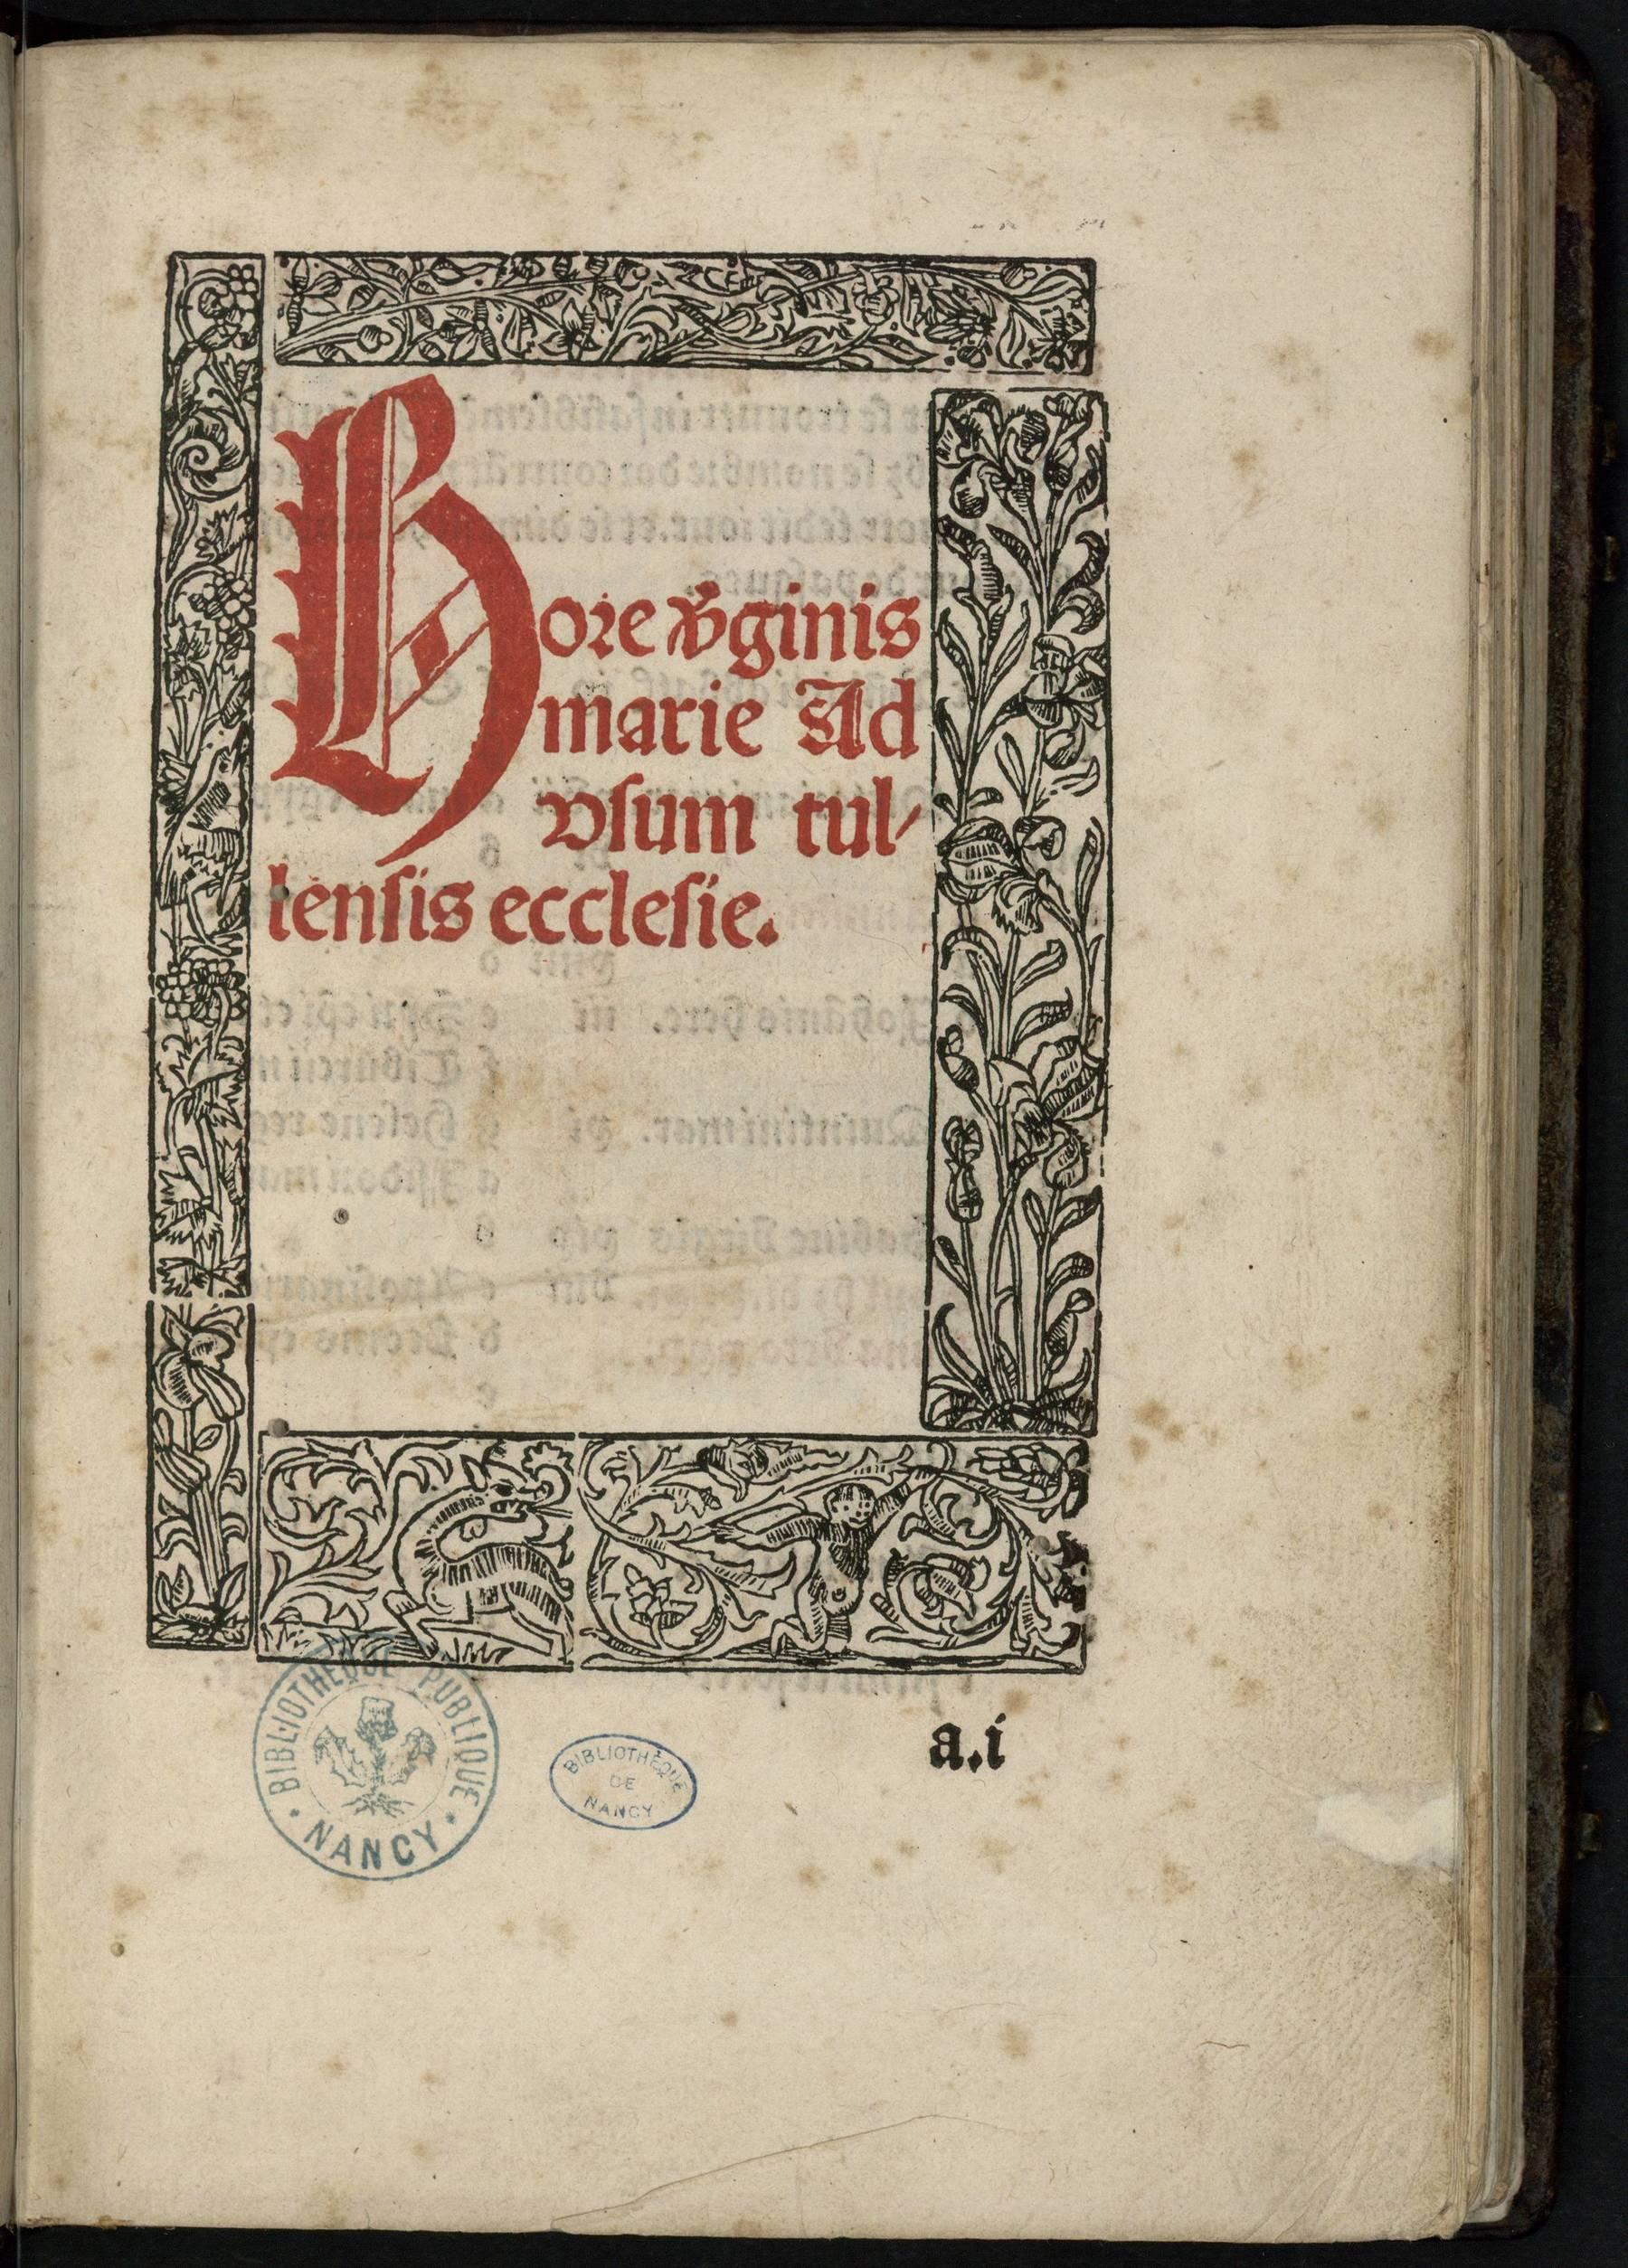 Contenu du Hore Virginis Marie ad usum Tullensis ecclesie